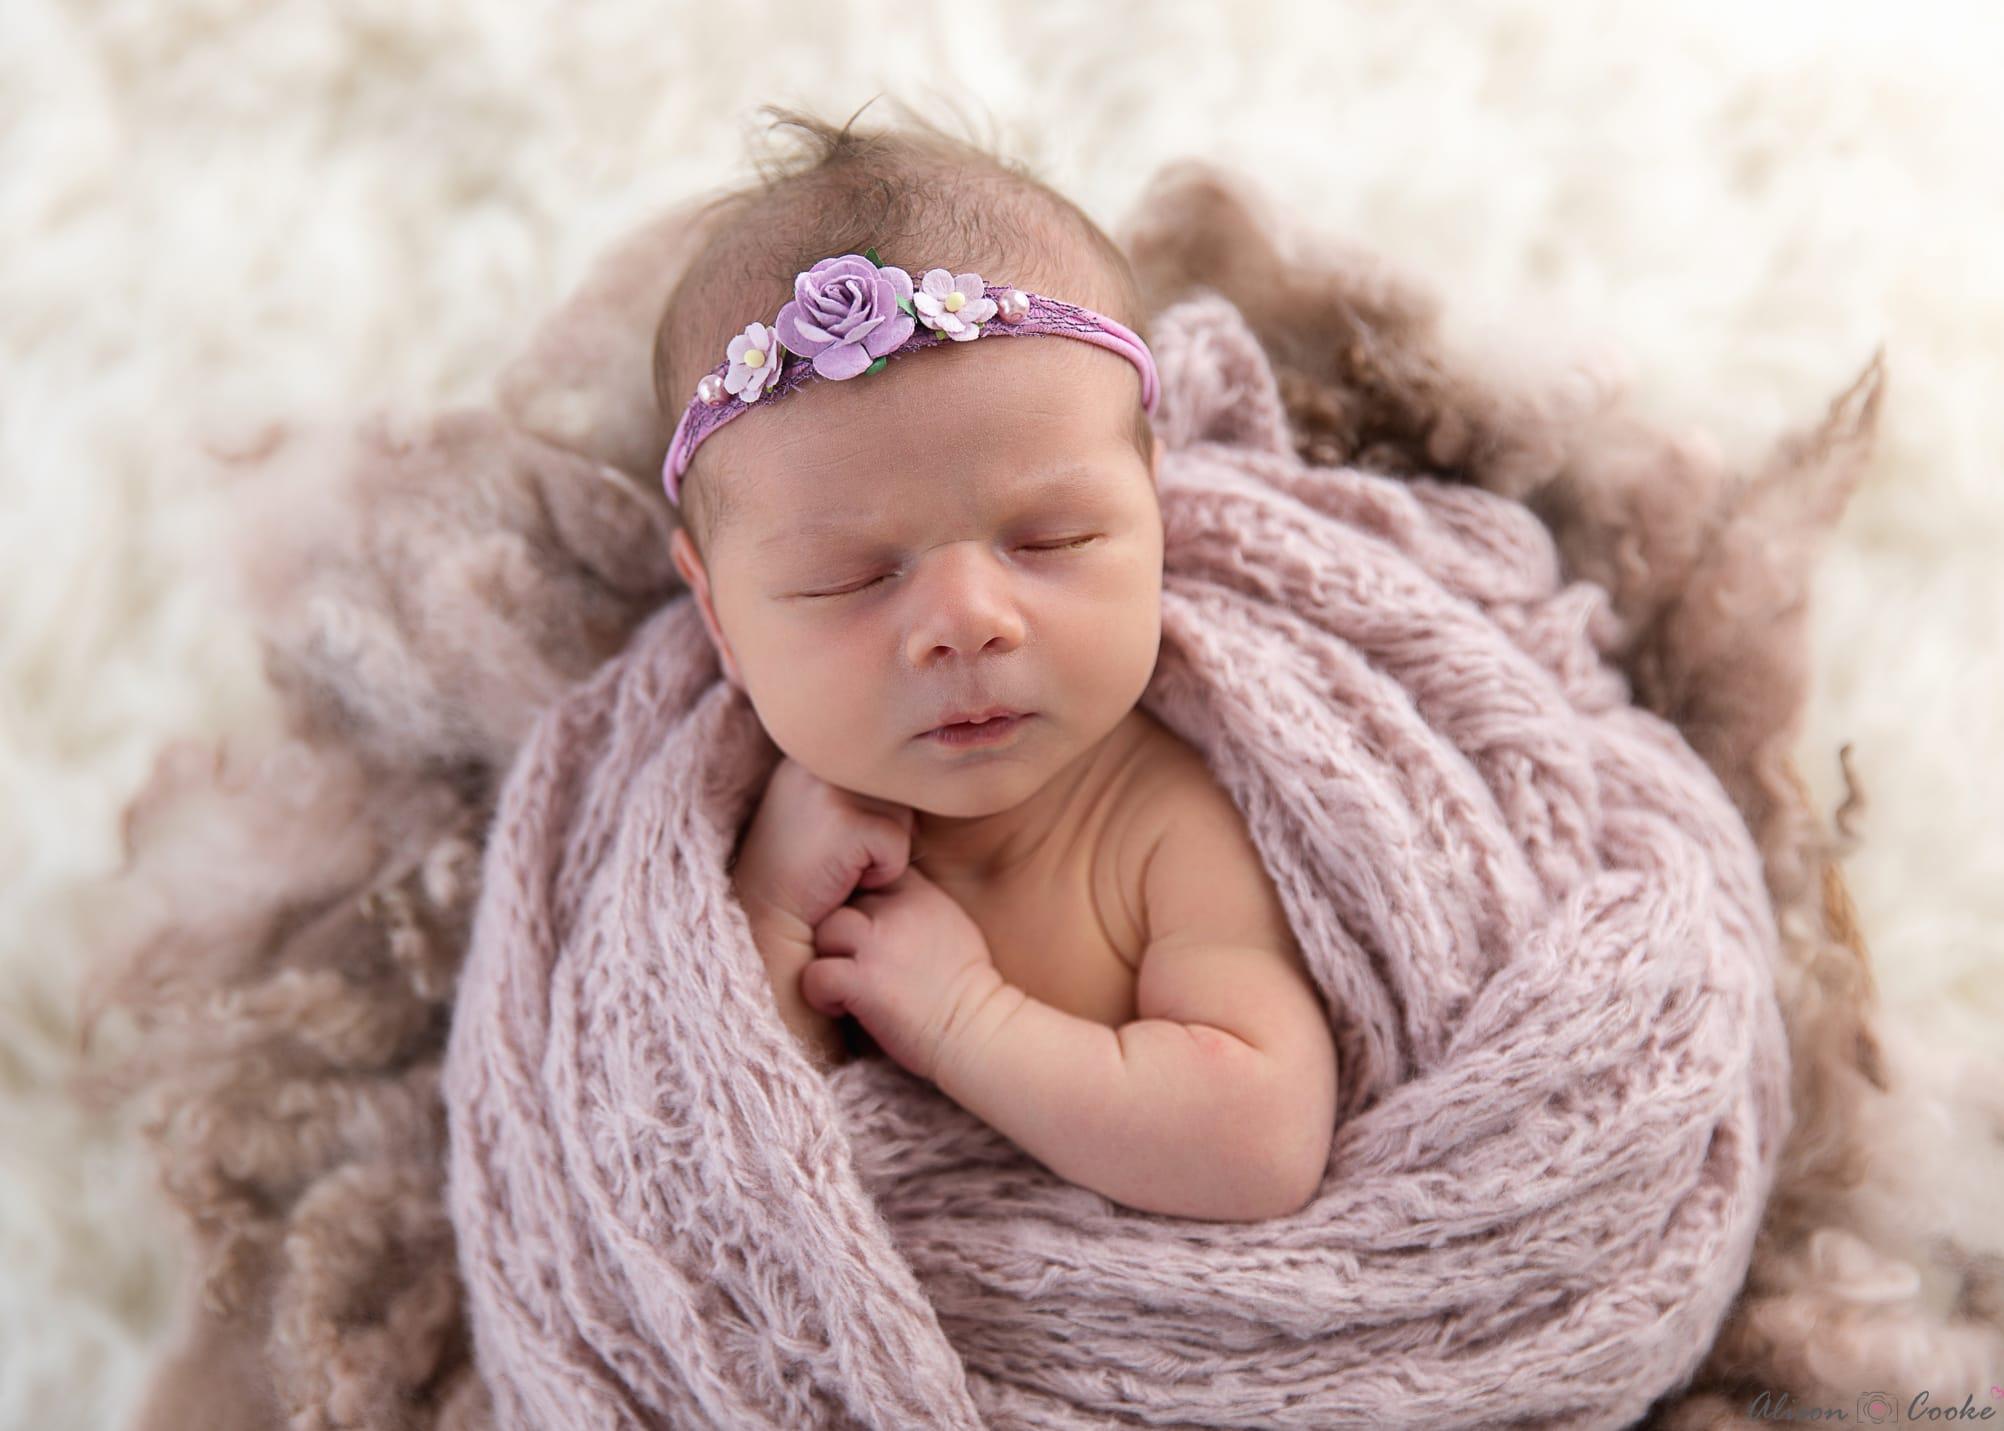 Newborn photographer brisbane north archives